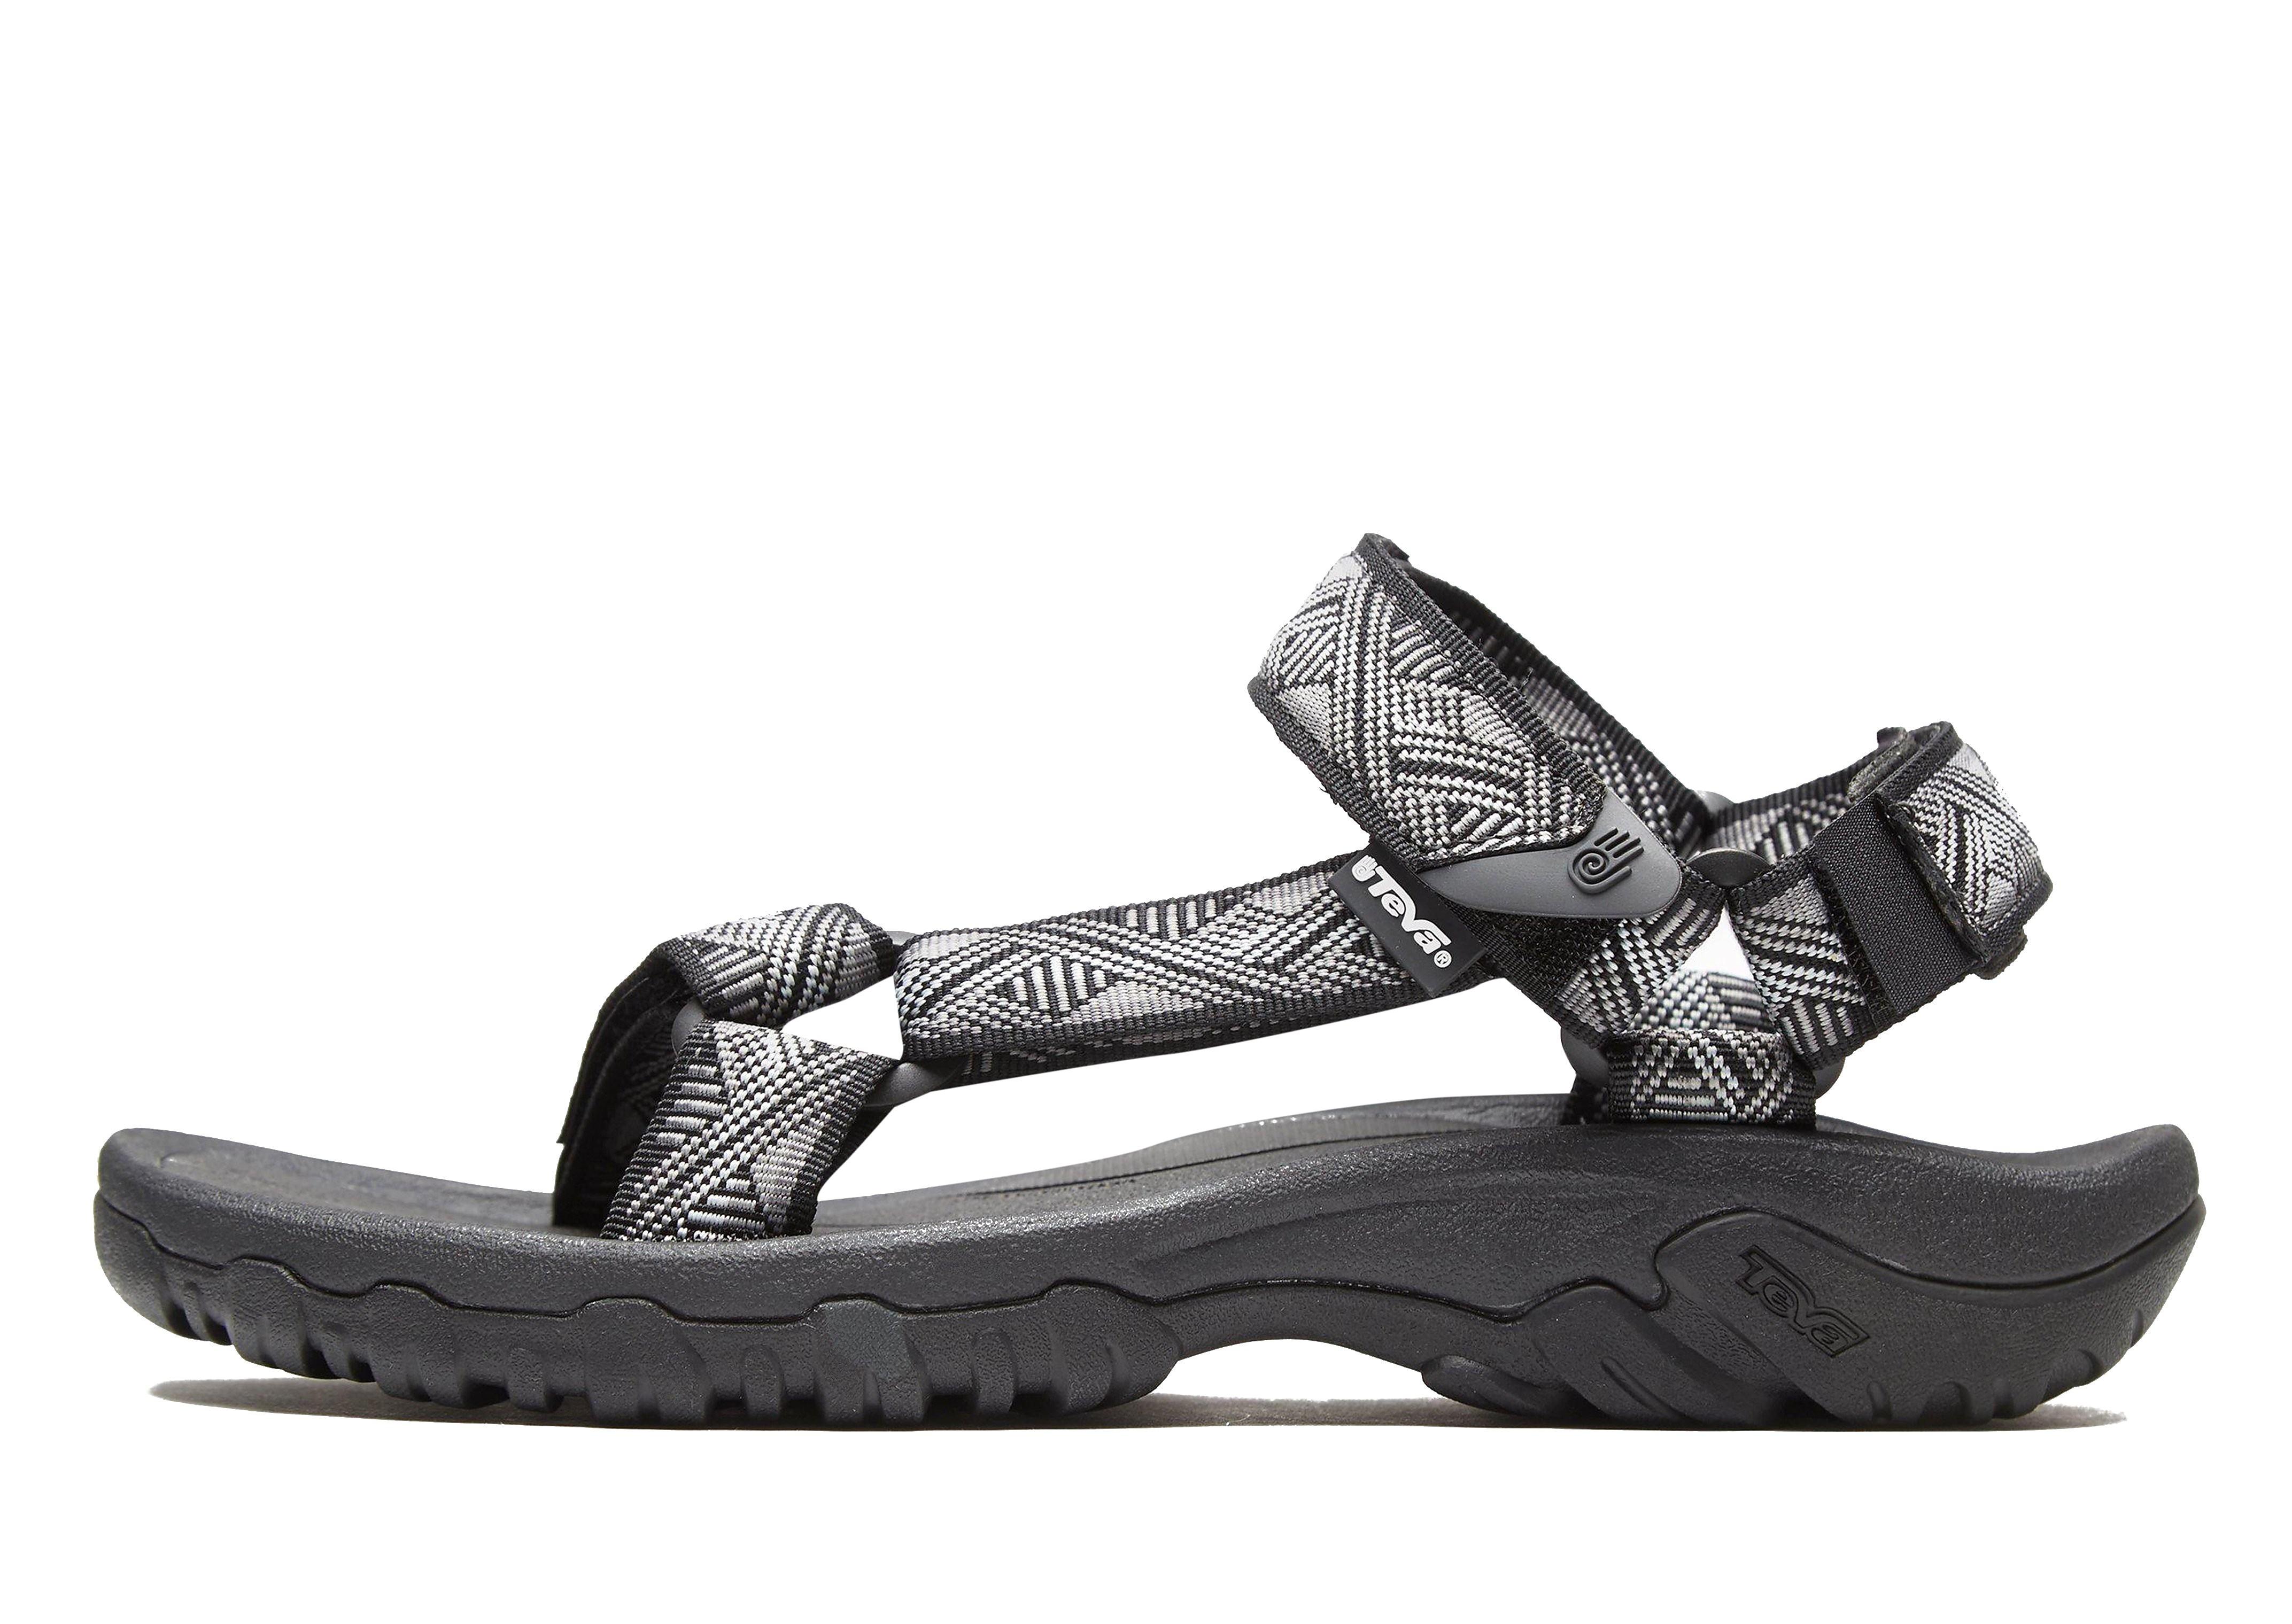 Teva Hurricane XLT Men's Sandals